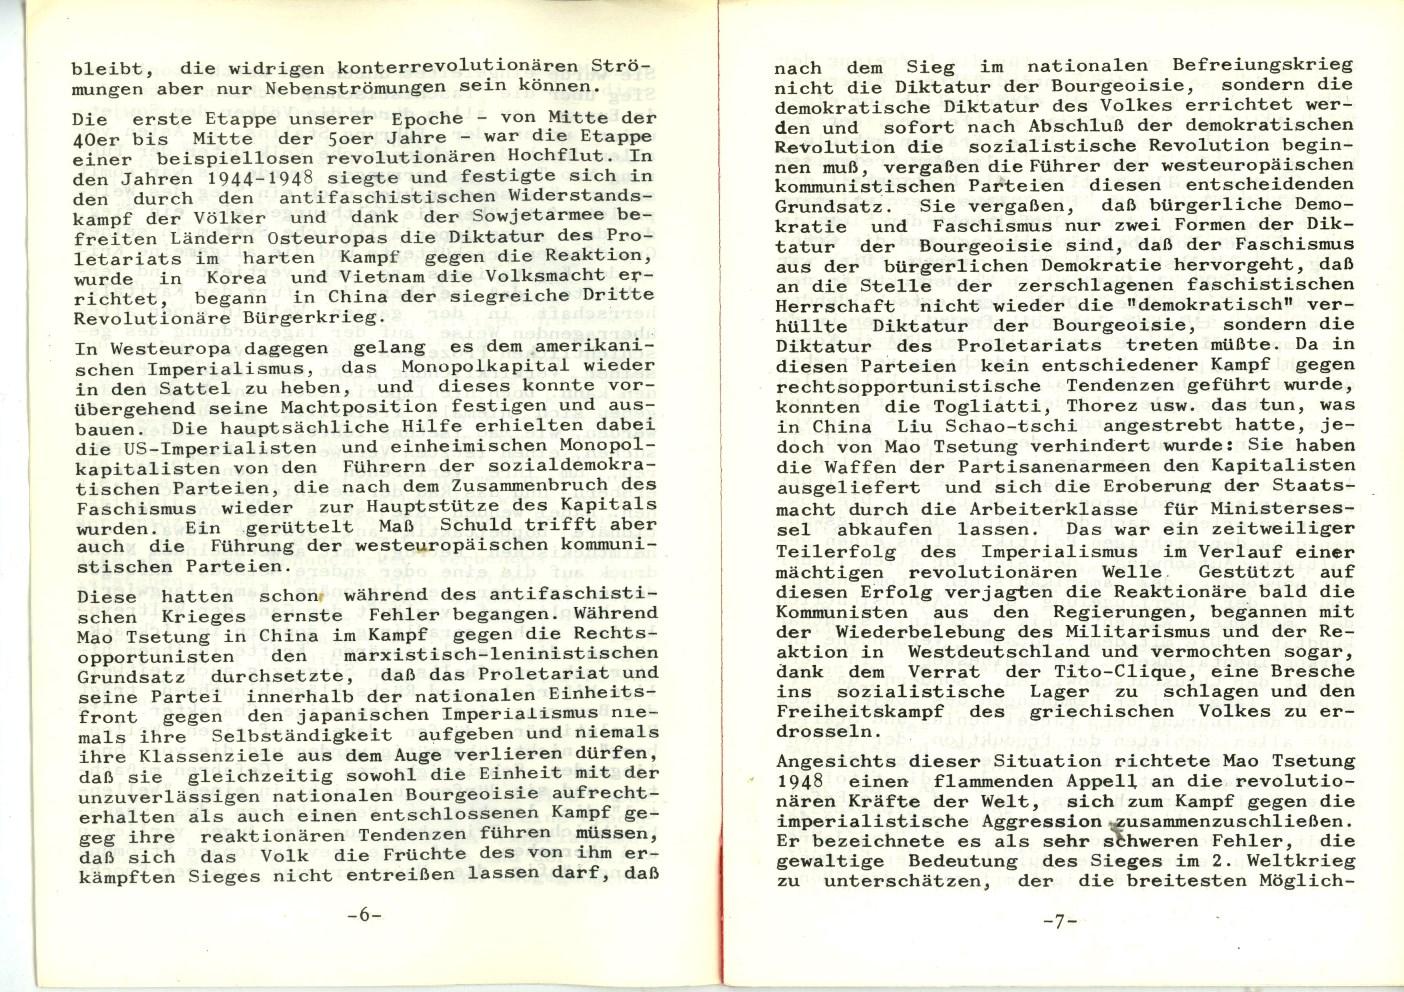 VRA_Grundsatzerklaerung_1971_05